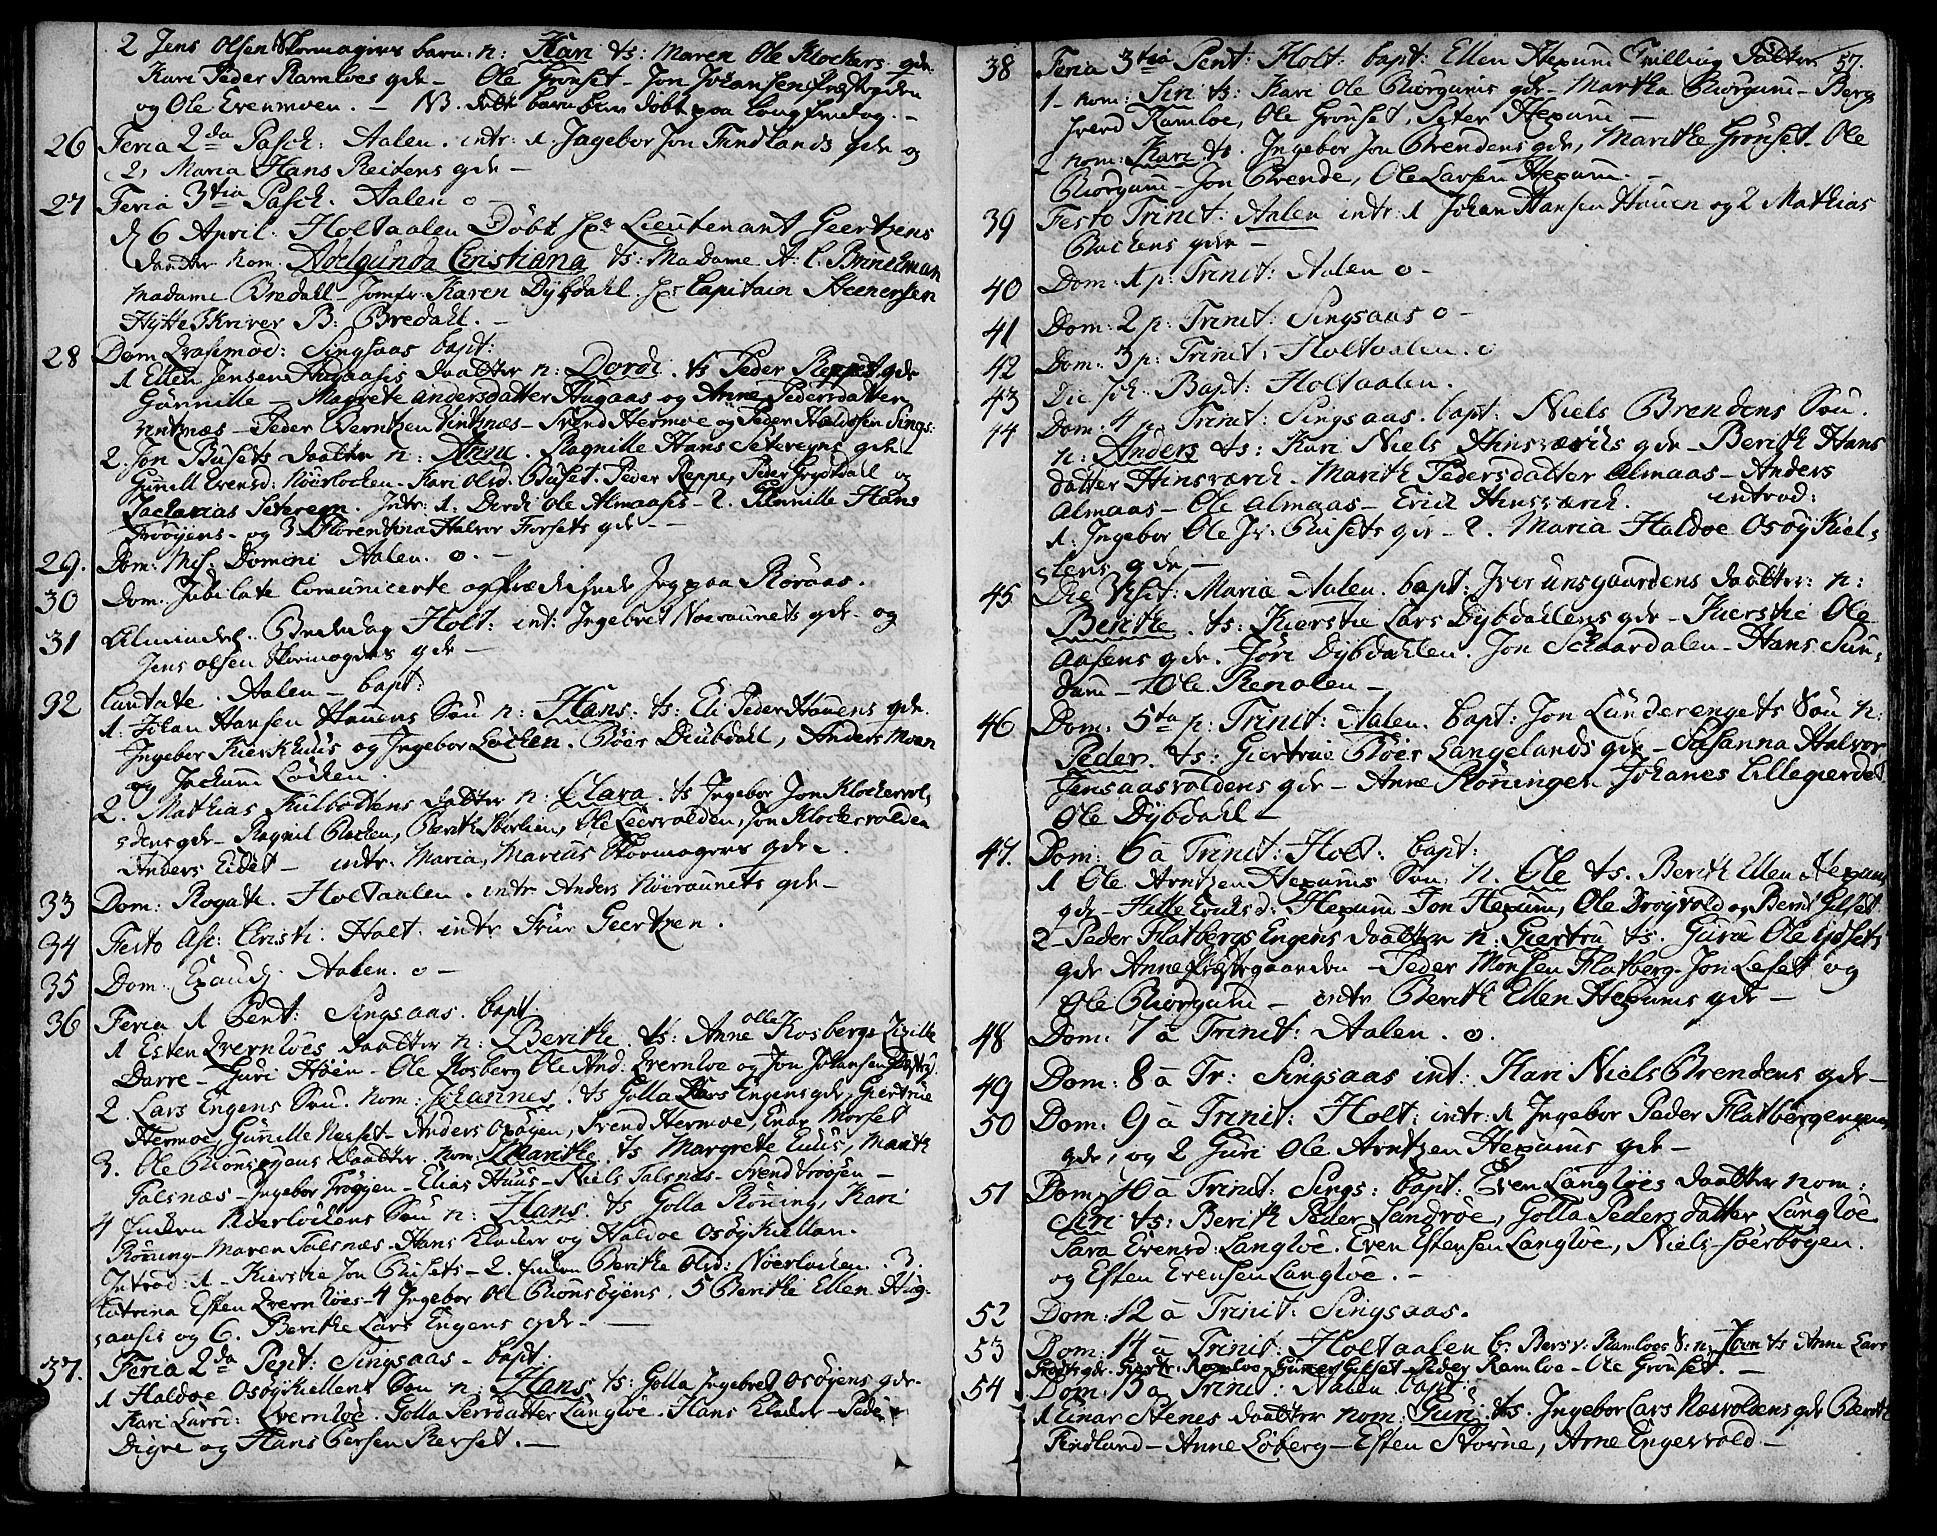 SAT, Ministerialprotokoller, klokkerbøker og fødselsregistre - Sør-Trøndelag, 685/L0952: Ministerialbok nr. 685A01, 1745-1804, s. 57